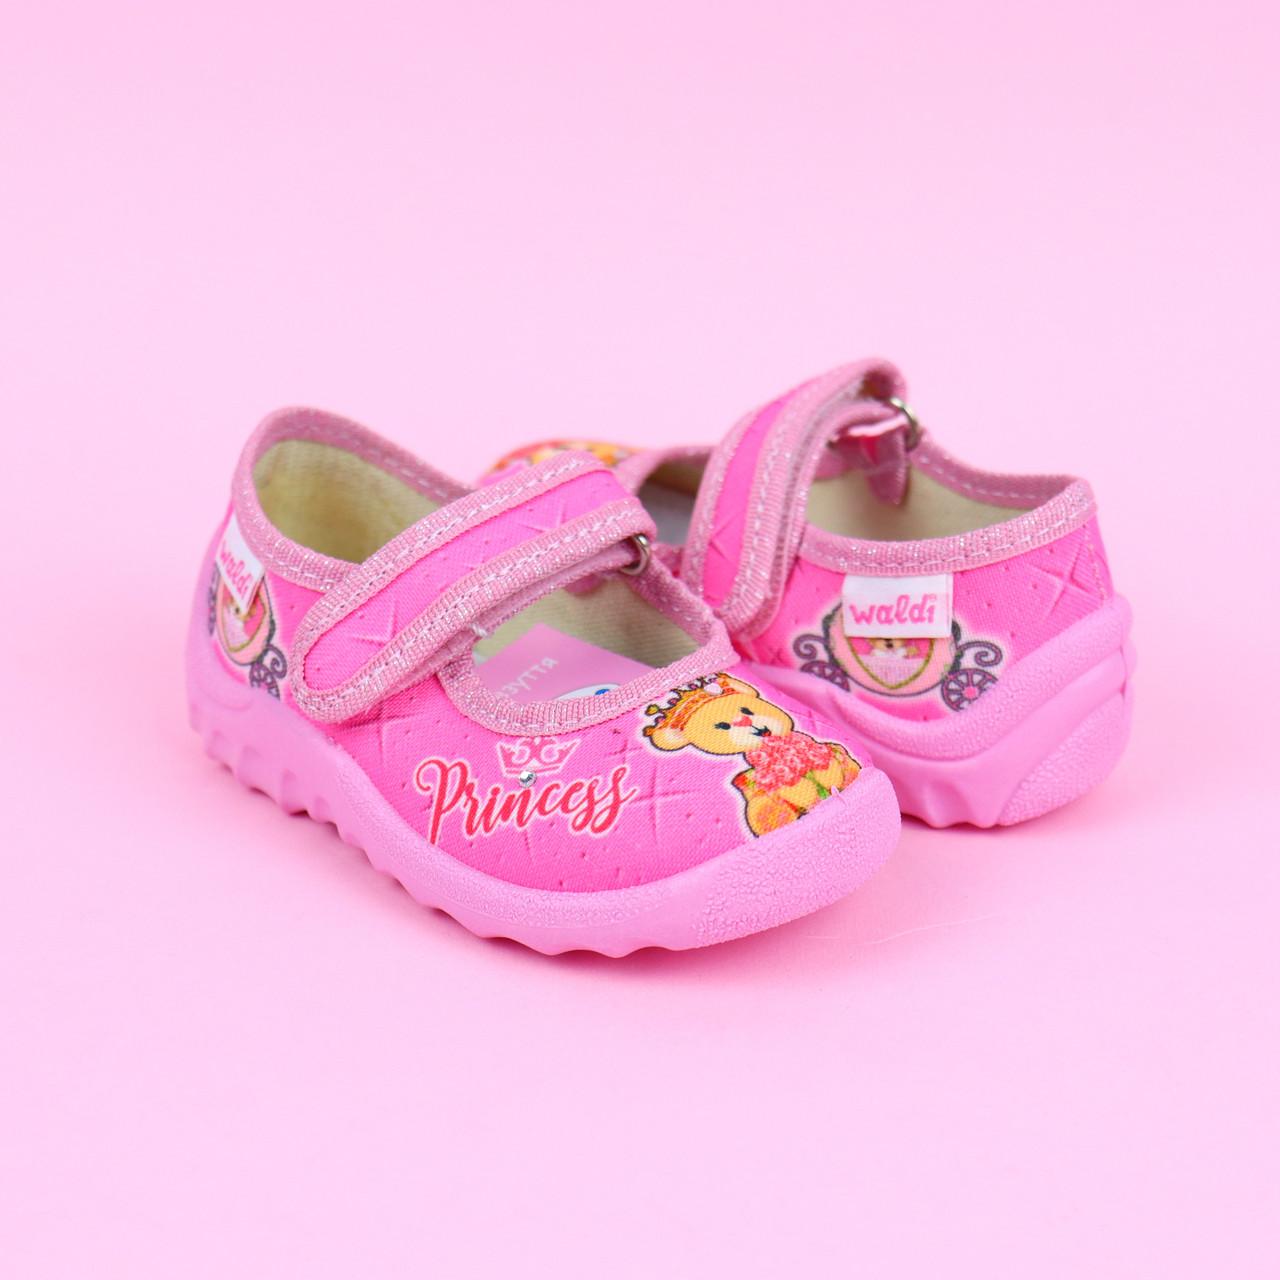 360-026 Текстильные туфли тапочки Катя розовые тм Waldi размер 22,23,25